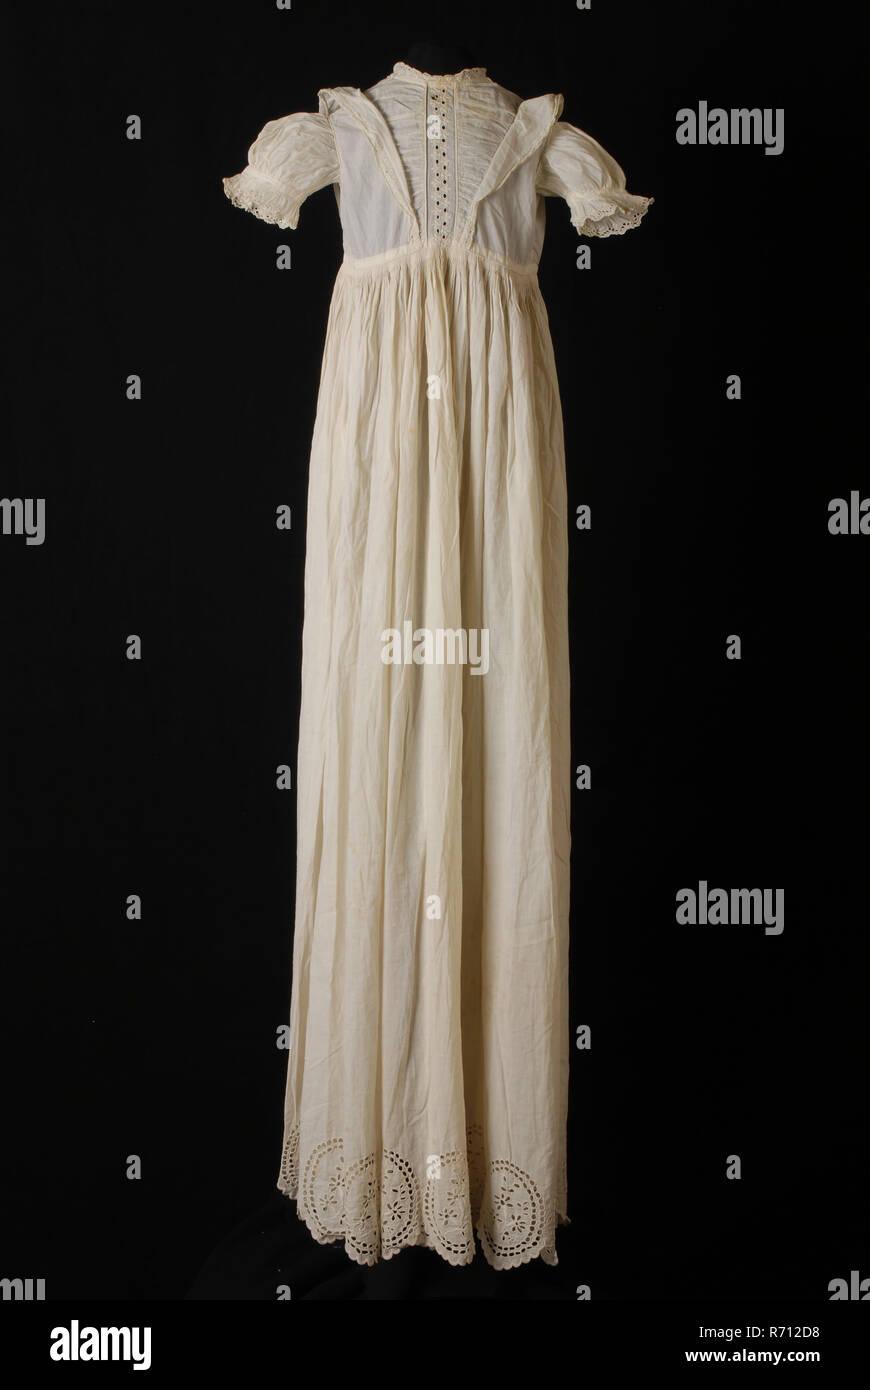 livraison gratuite 1d3f2 49b02 Overdress appartenant à robe de baptème, faite de coton avec ...